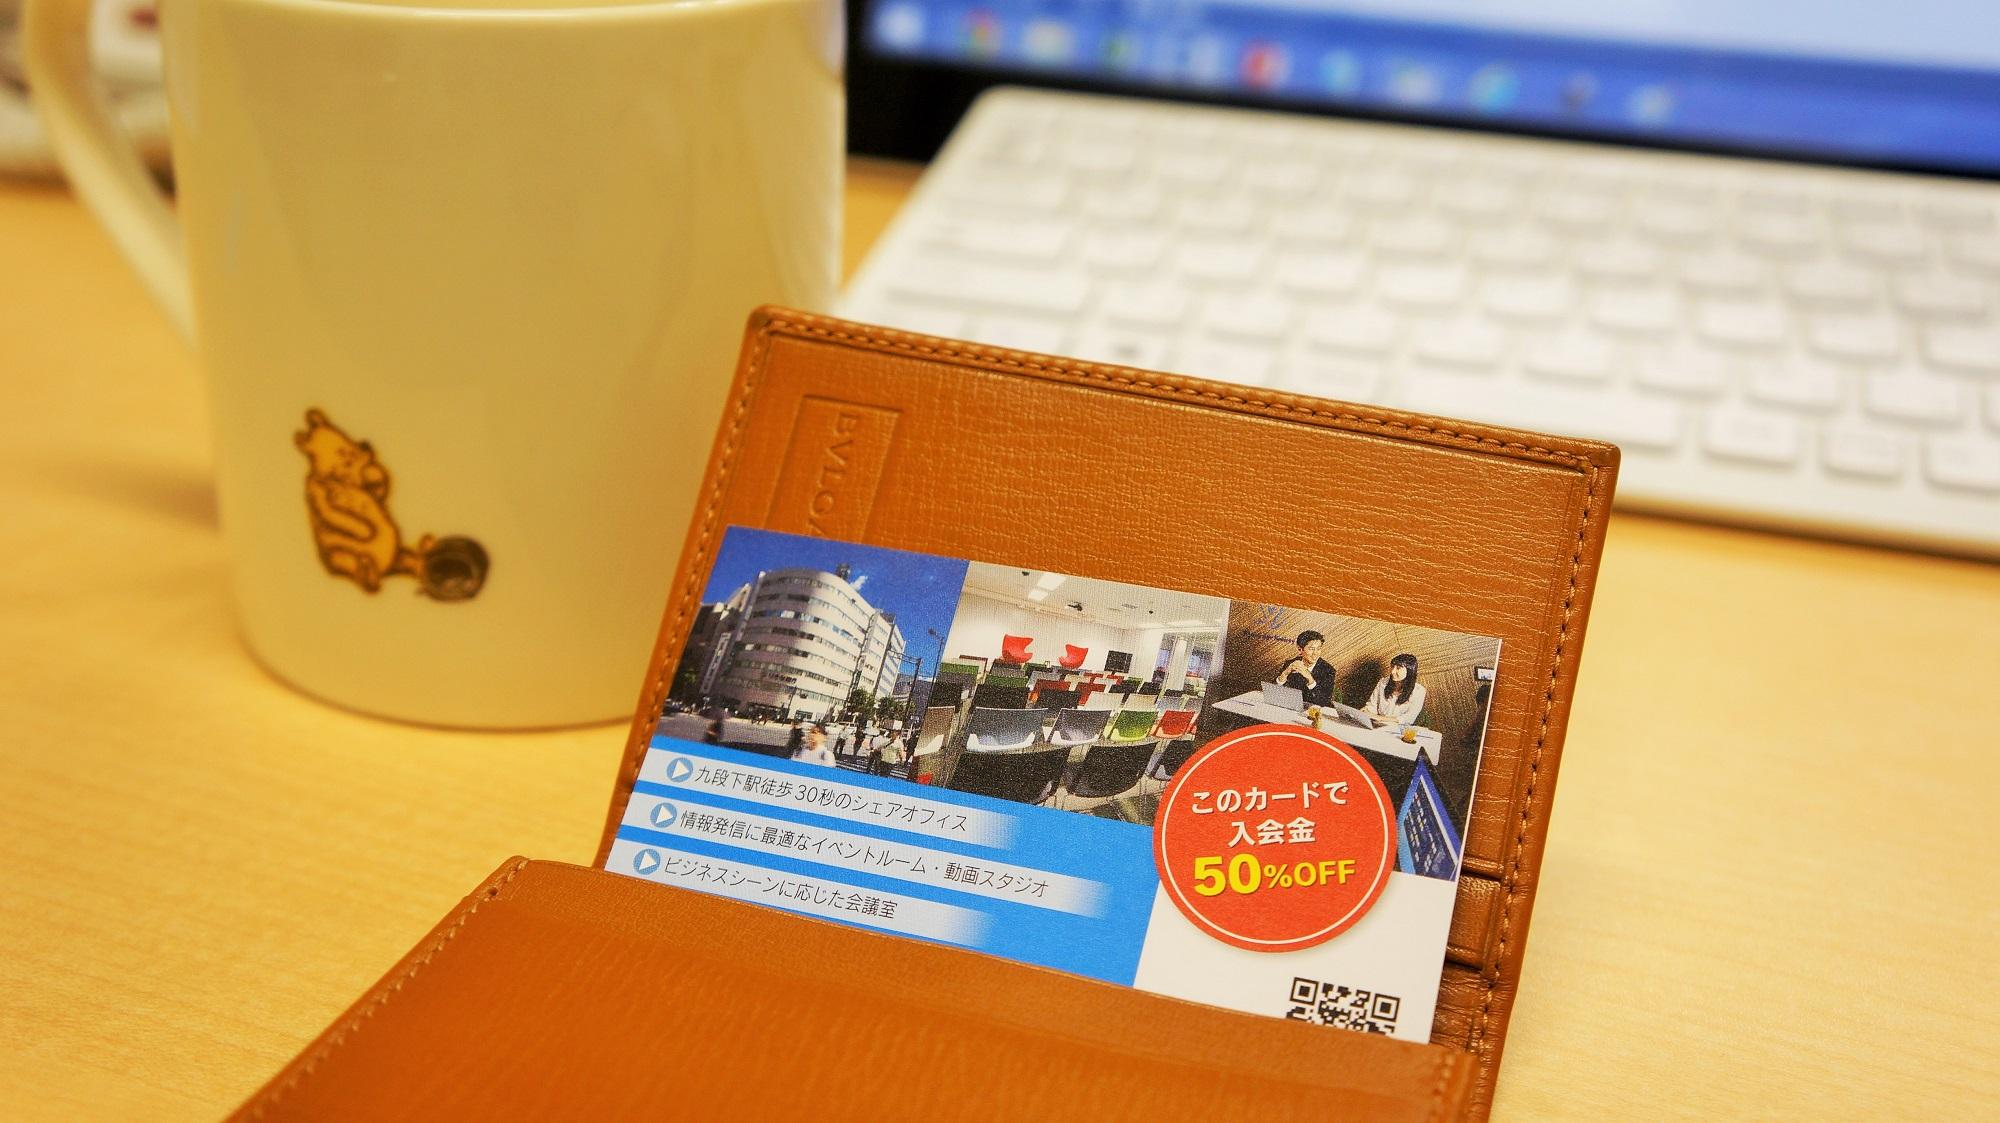 東京のコワーキングスペースの紹介カード